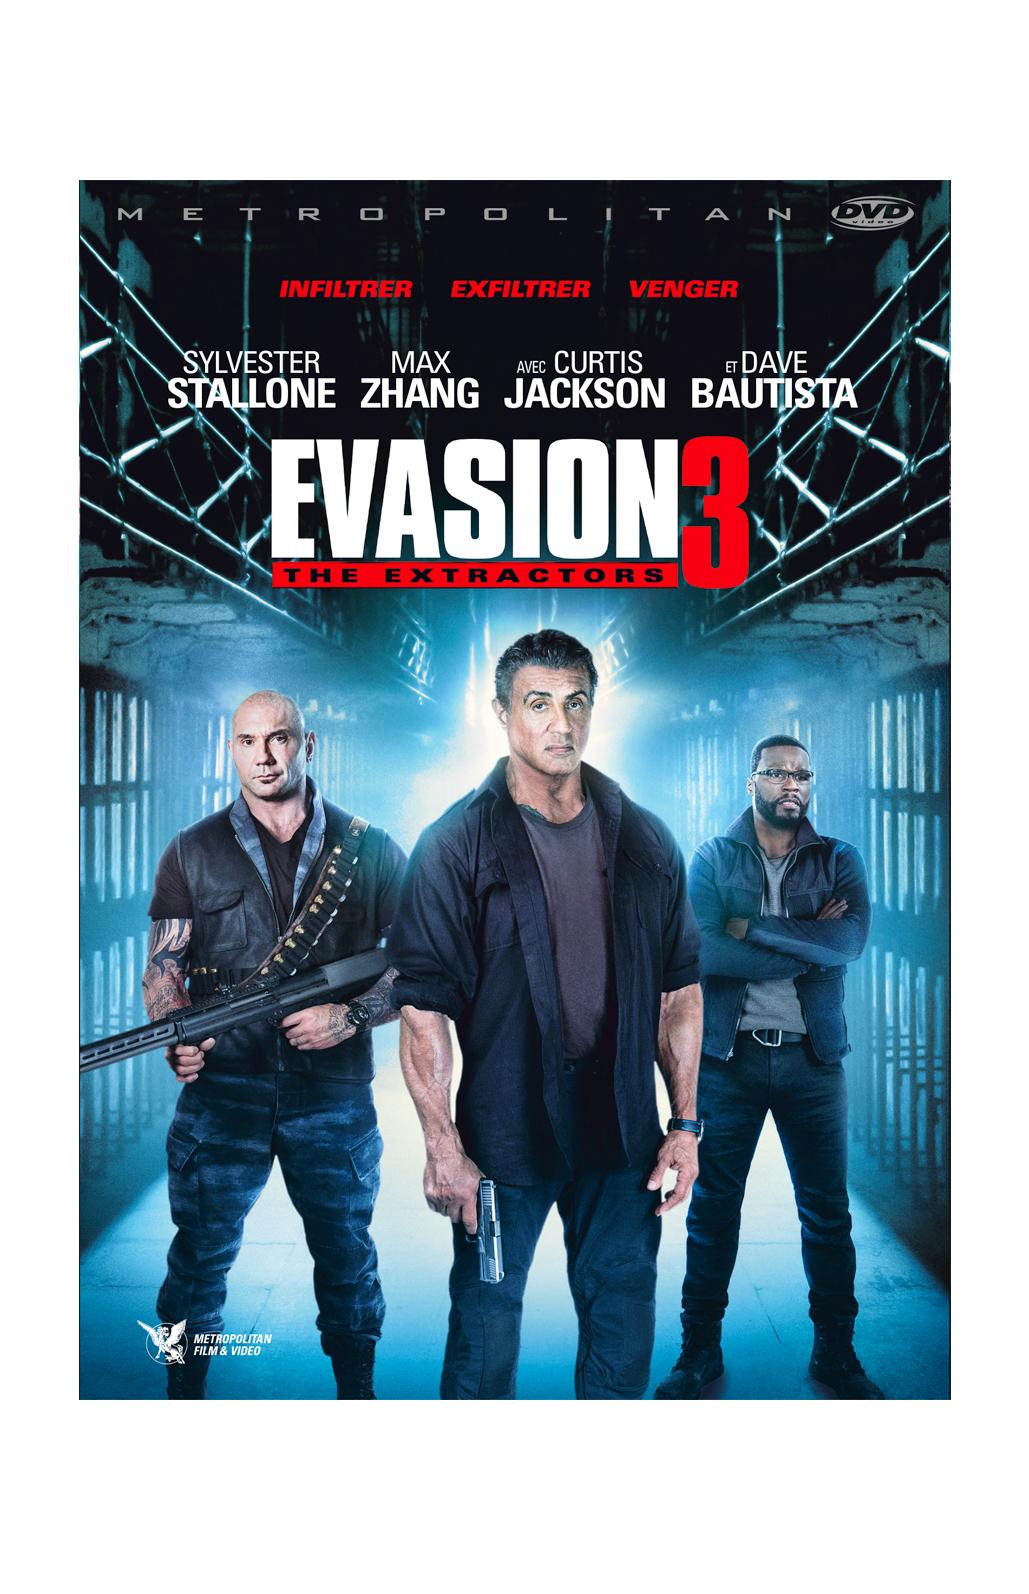 Evasion 3 streaming